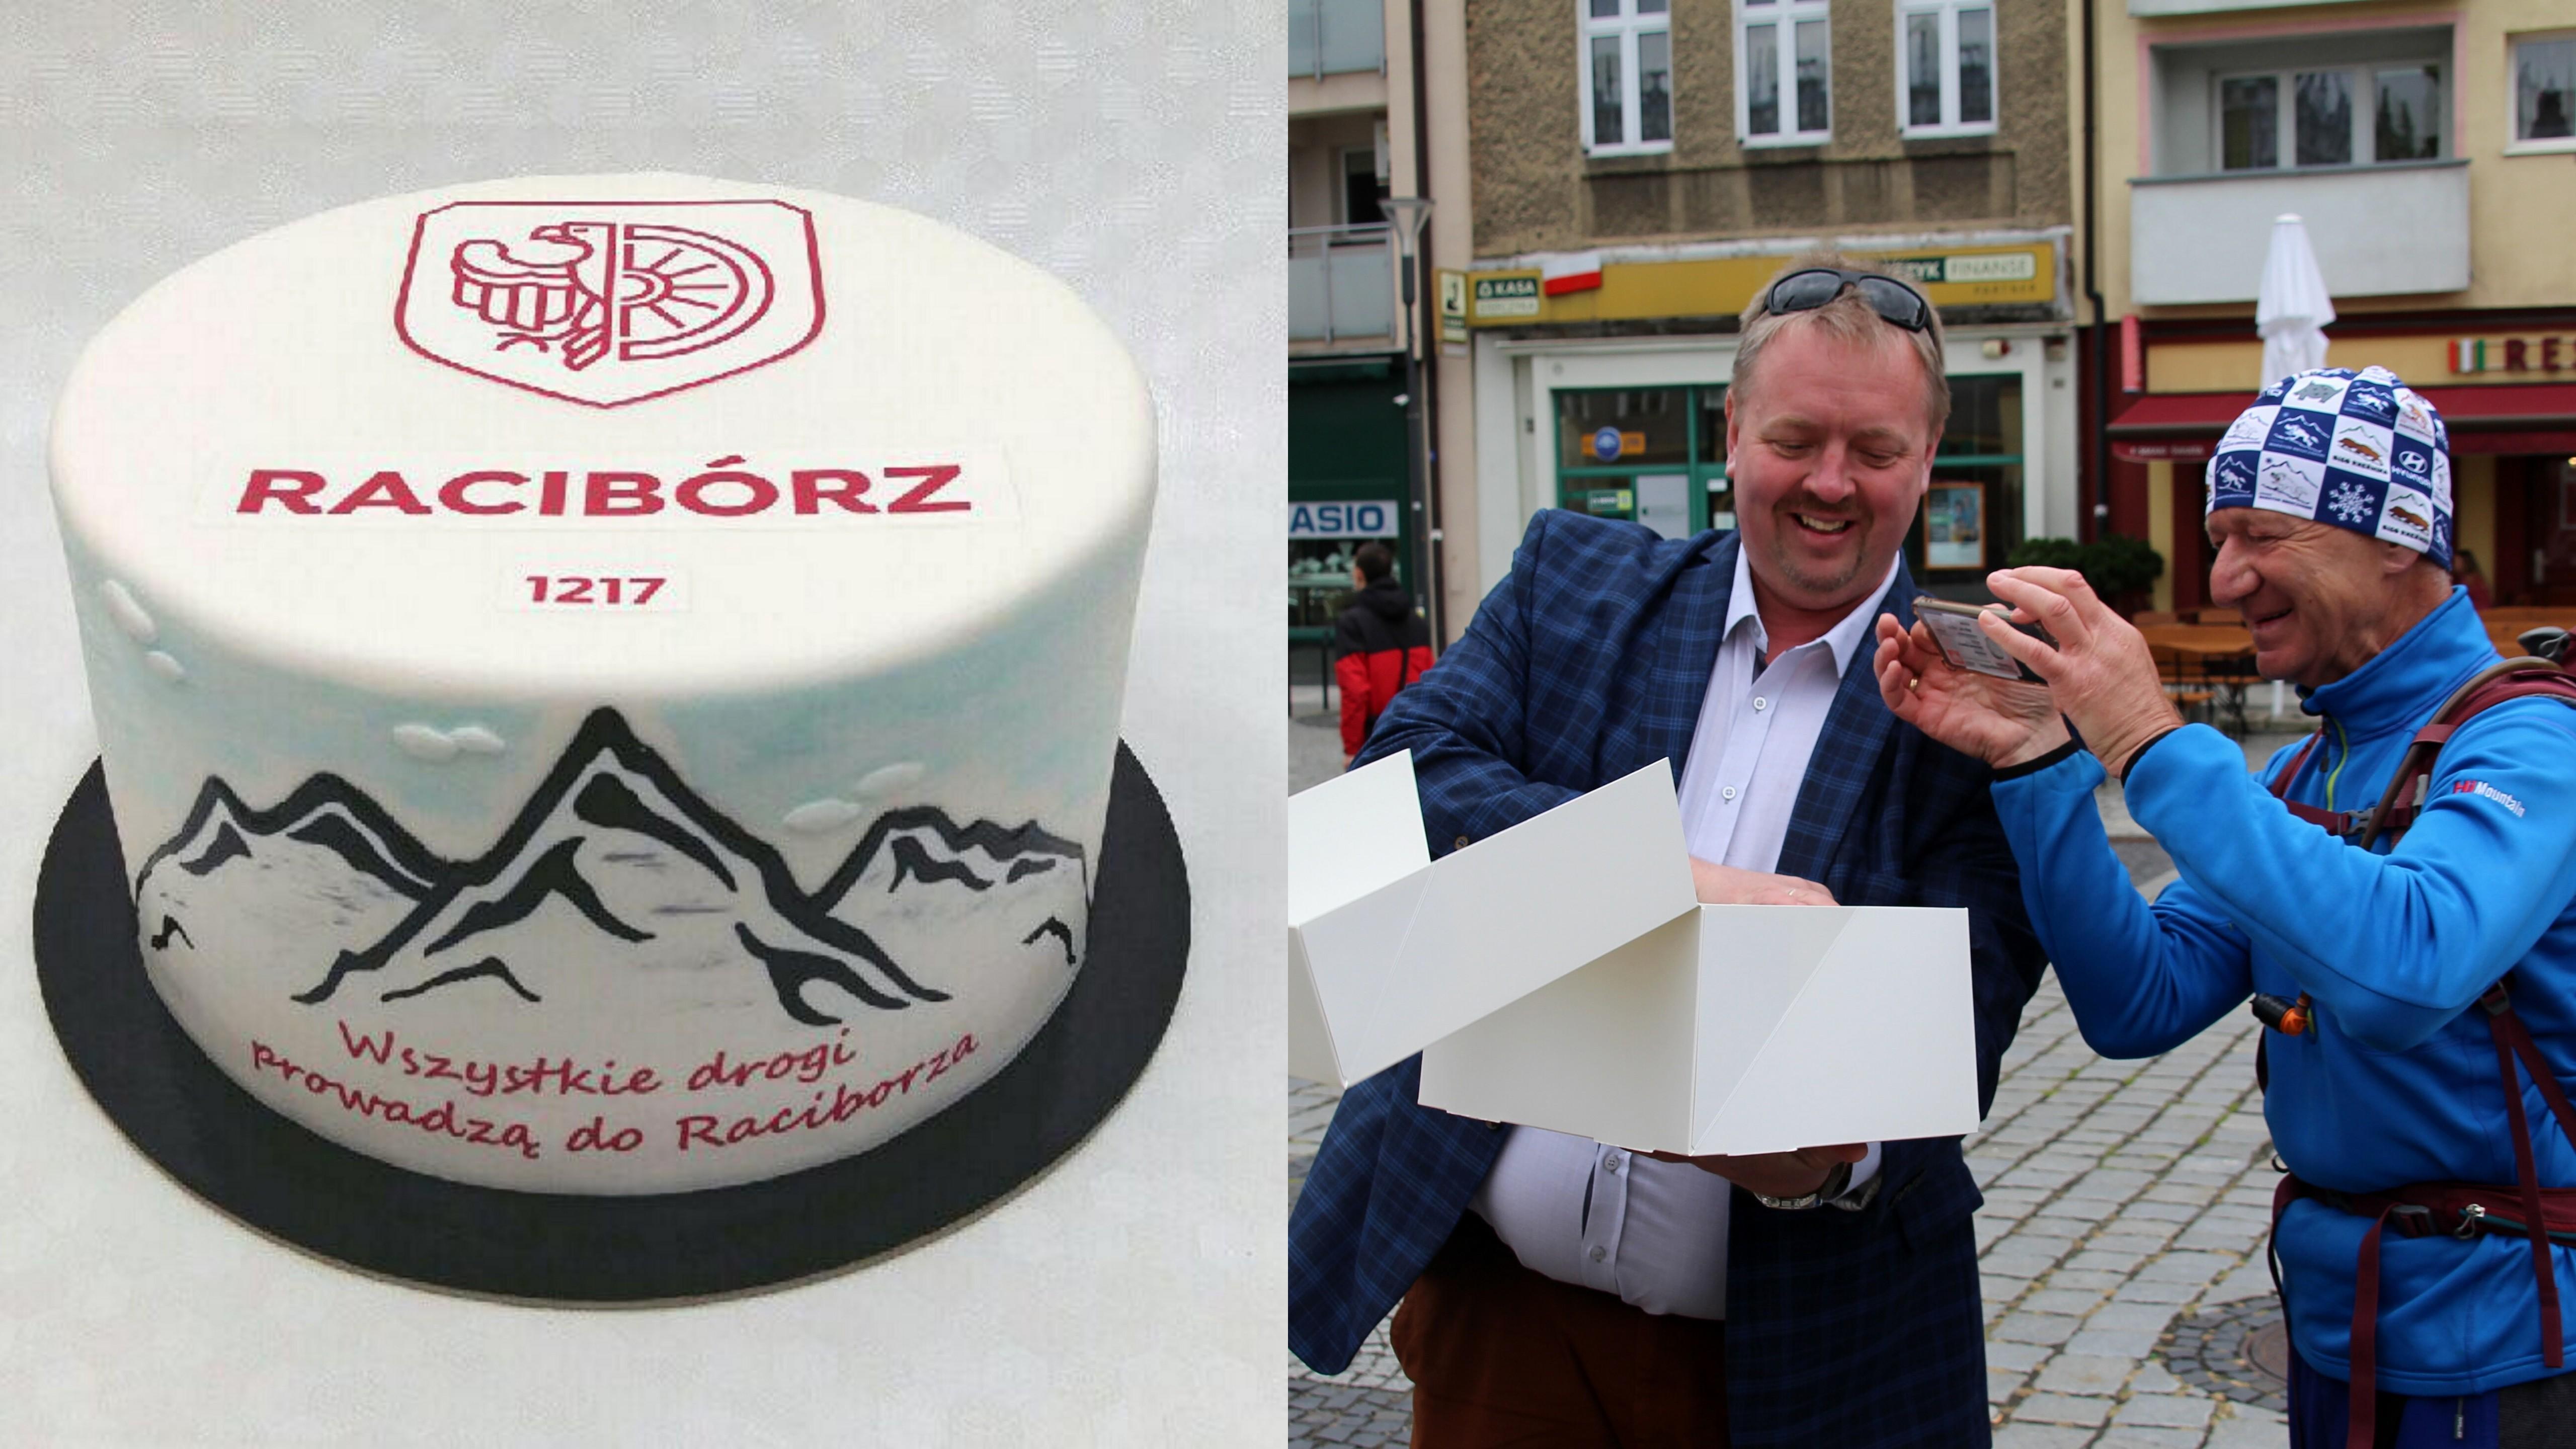 Na pana Zbigniewa w niedzielne popołudnie na raciborskim rynku czekał Dawid Wacławczyk. Wiceprezydent pogratulował mu najnowszego osiągnięcia i w dowód uznania wręczył przygotowany specjalnie na tę okazję tort. Jak wiemy z relacji pana Zbyszka, tort wyglądał wspaniale, a smakował jeszcze lepiej.Tort został przygotowany przez raciborskich cukierników z firmy I Torty.